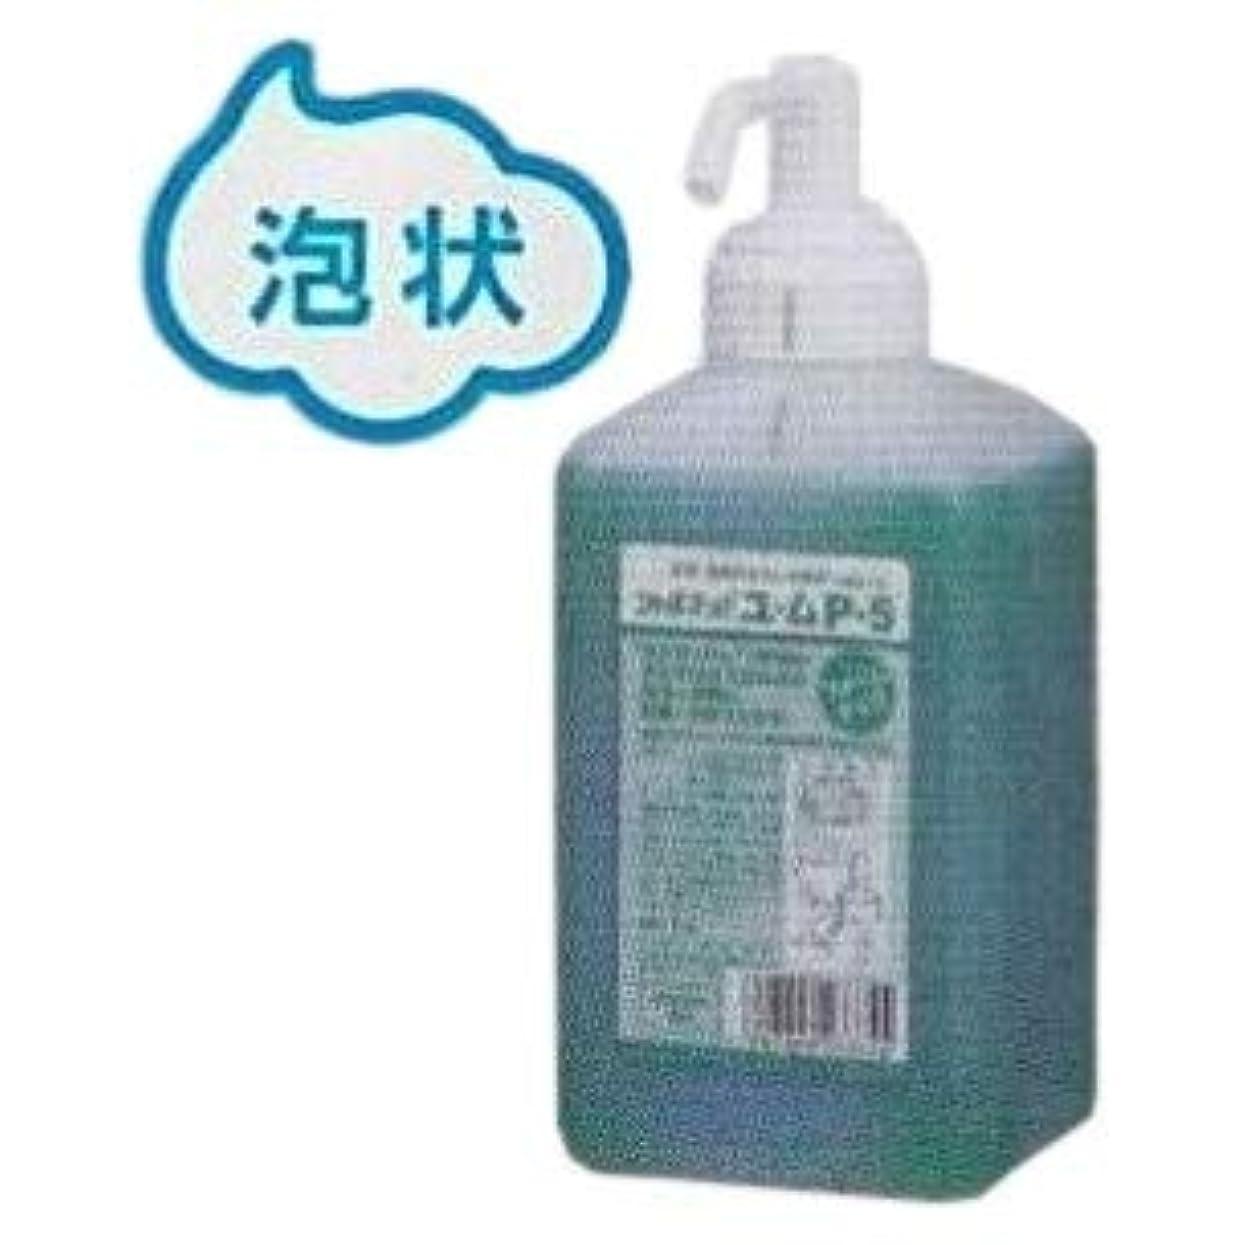 ジャニスまさに交渉するサラヤ シャボネット ユ?ムP-5 1kg泡ポンプ付 無香料 サラヤ商品コード:23335